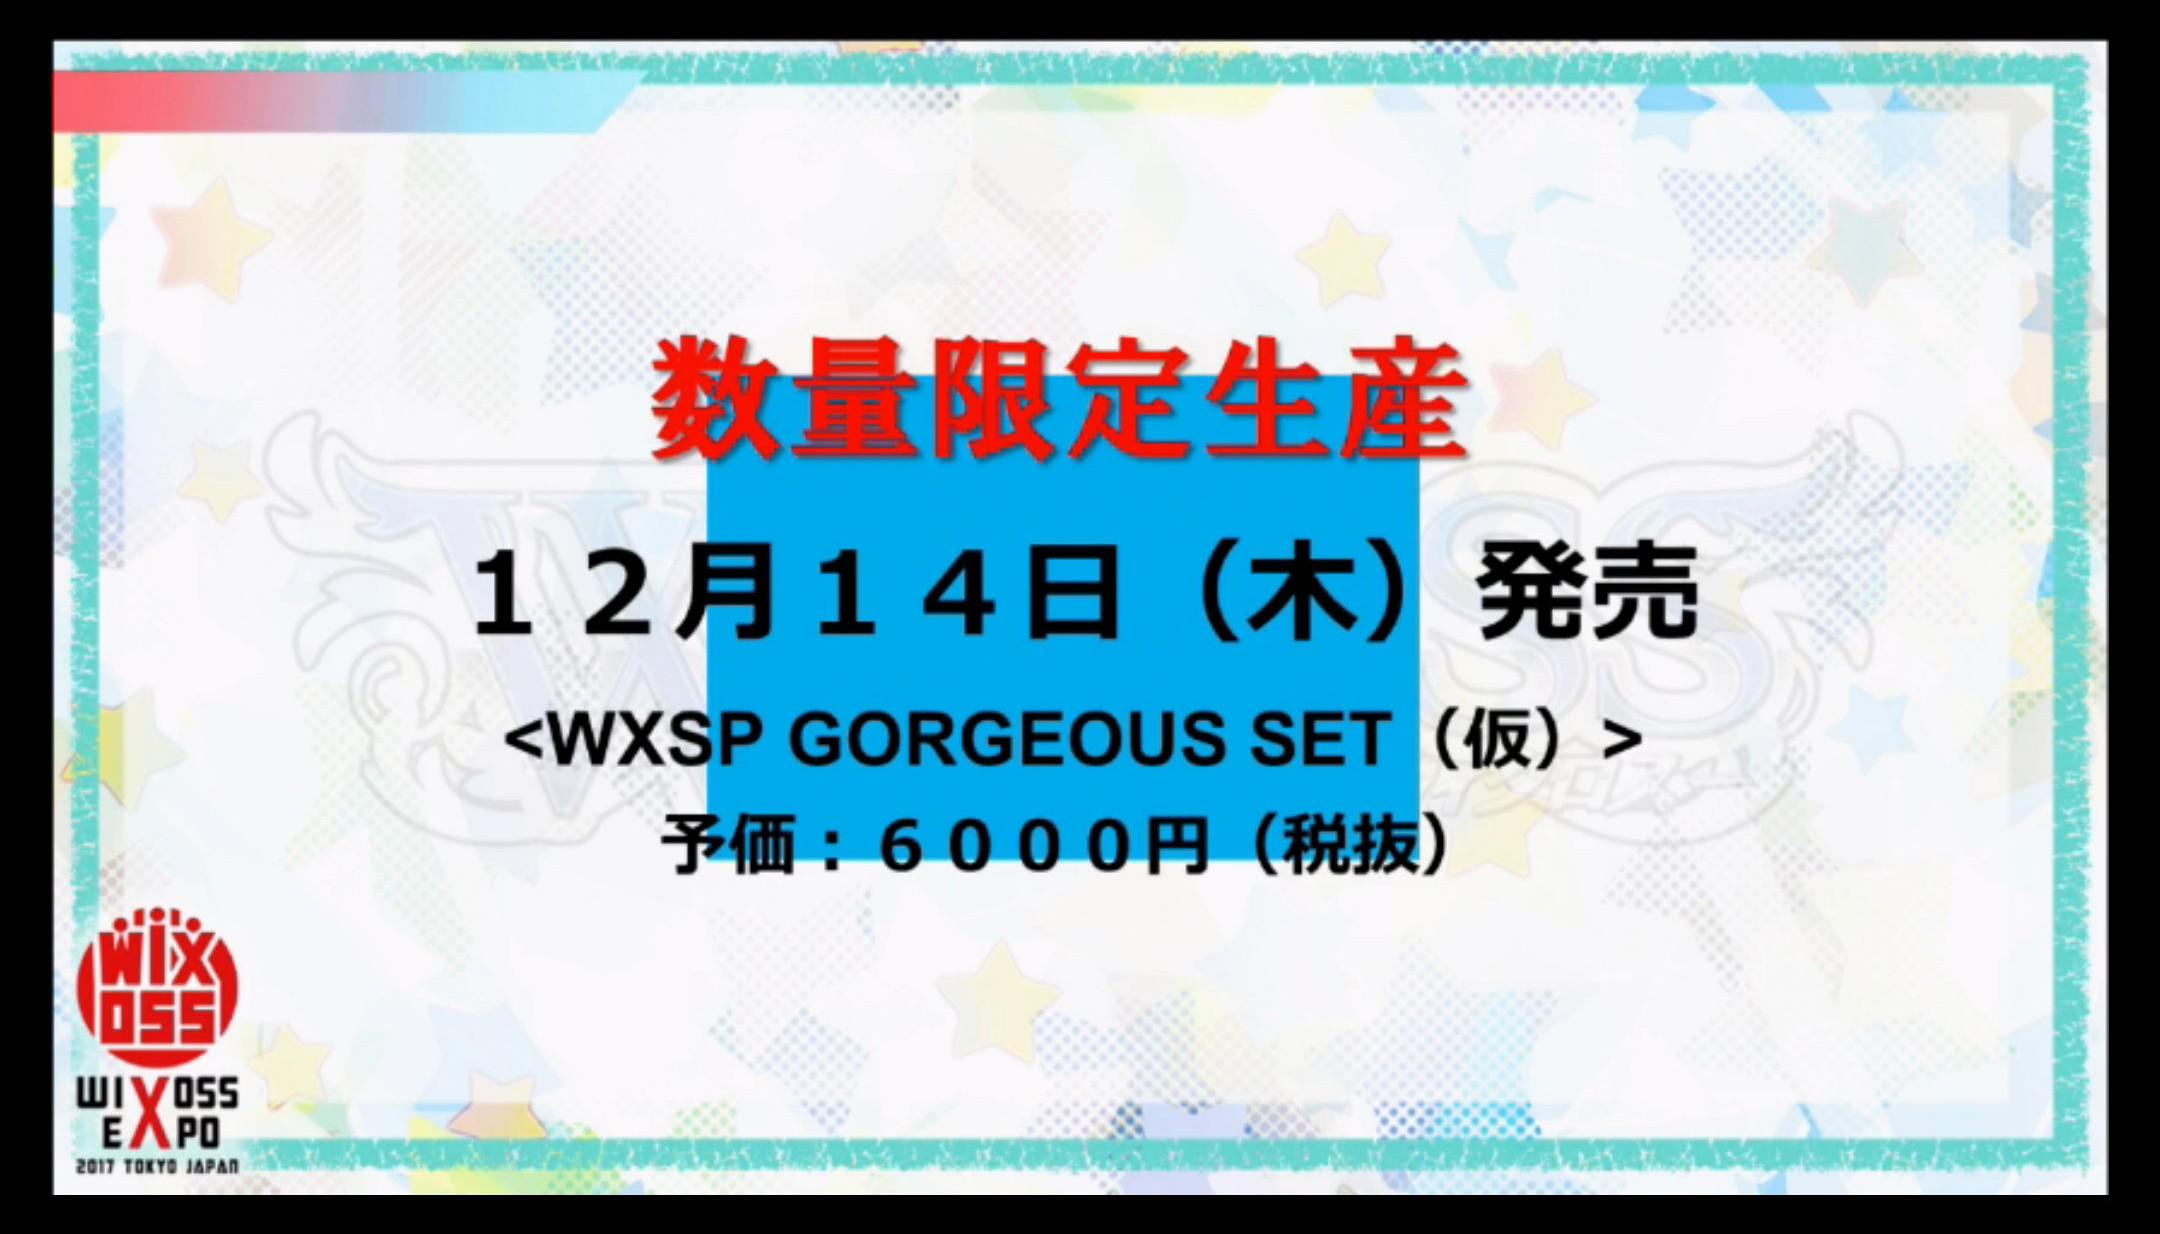 wx-live-170806-022.jpg